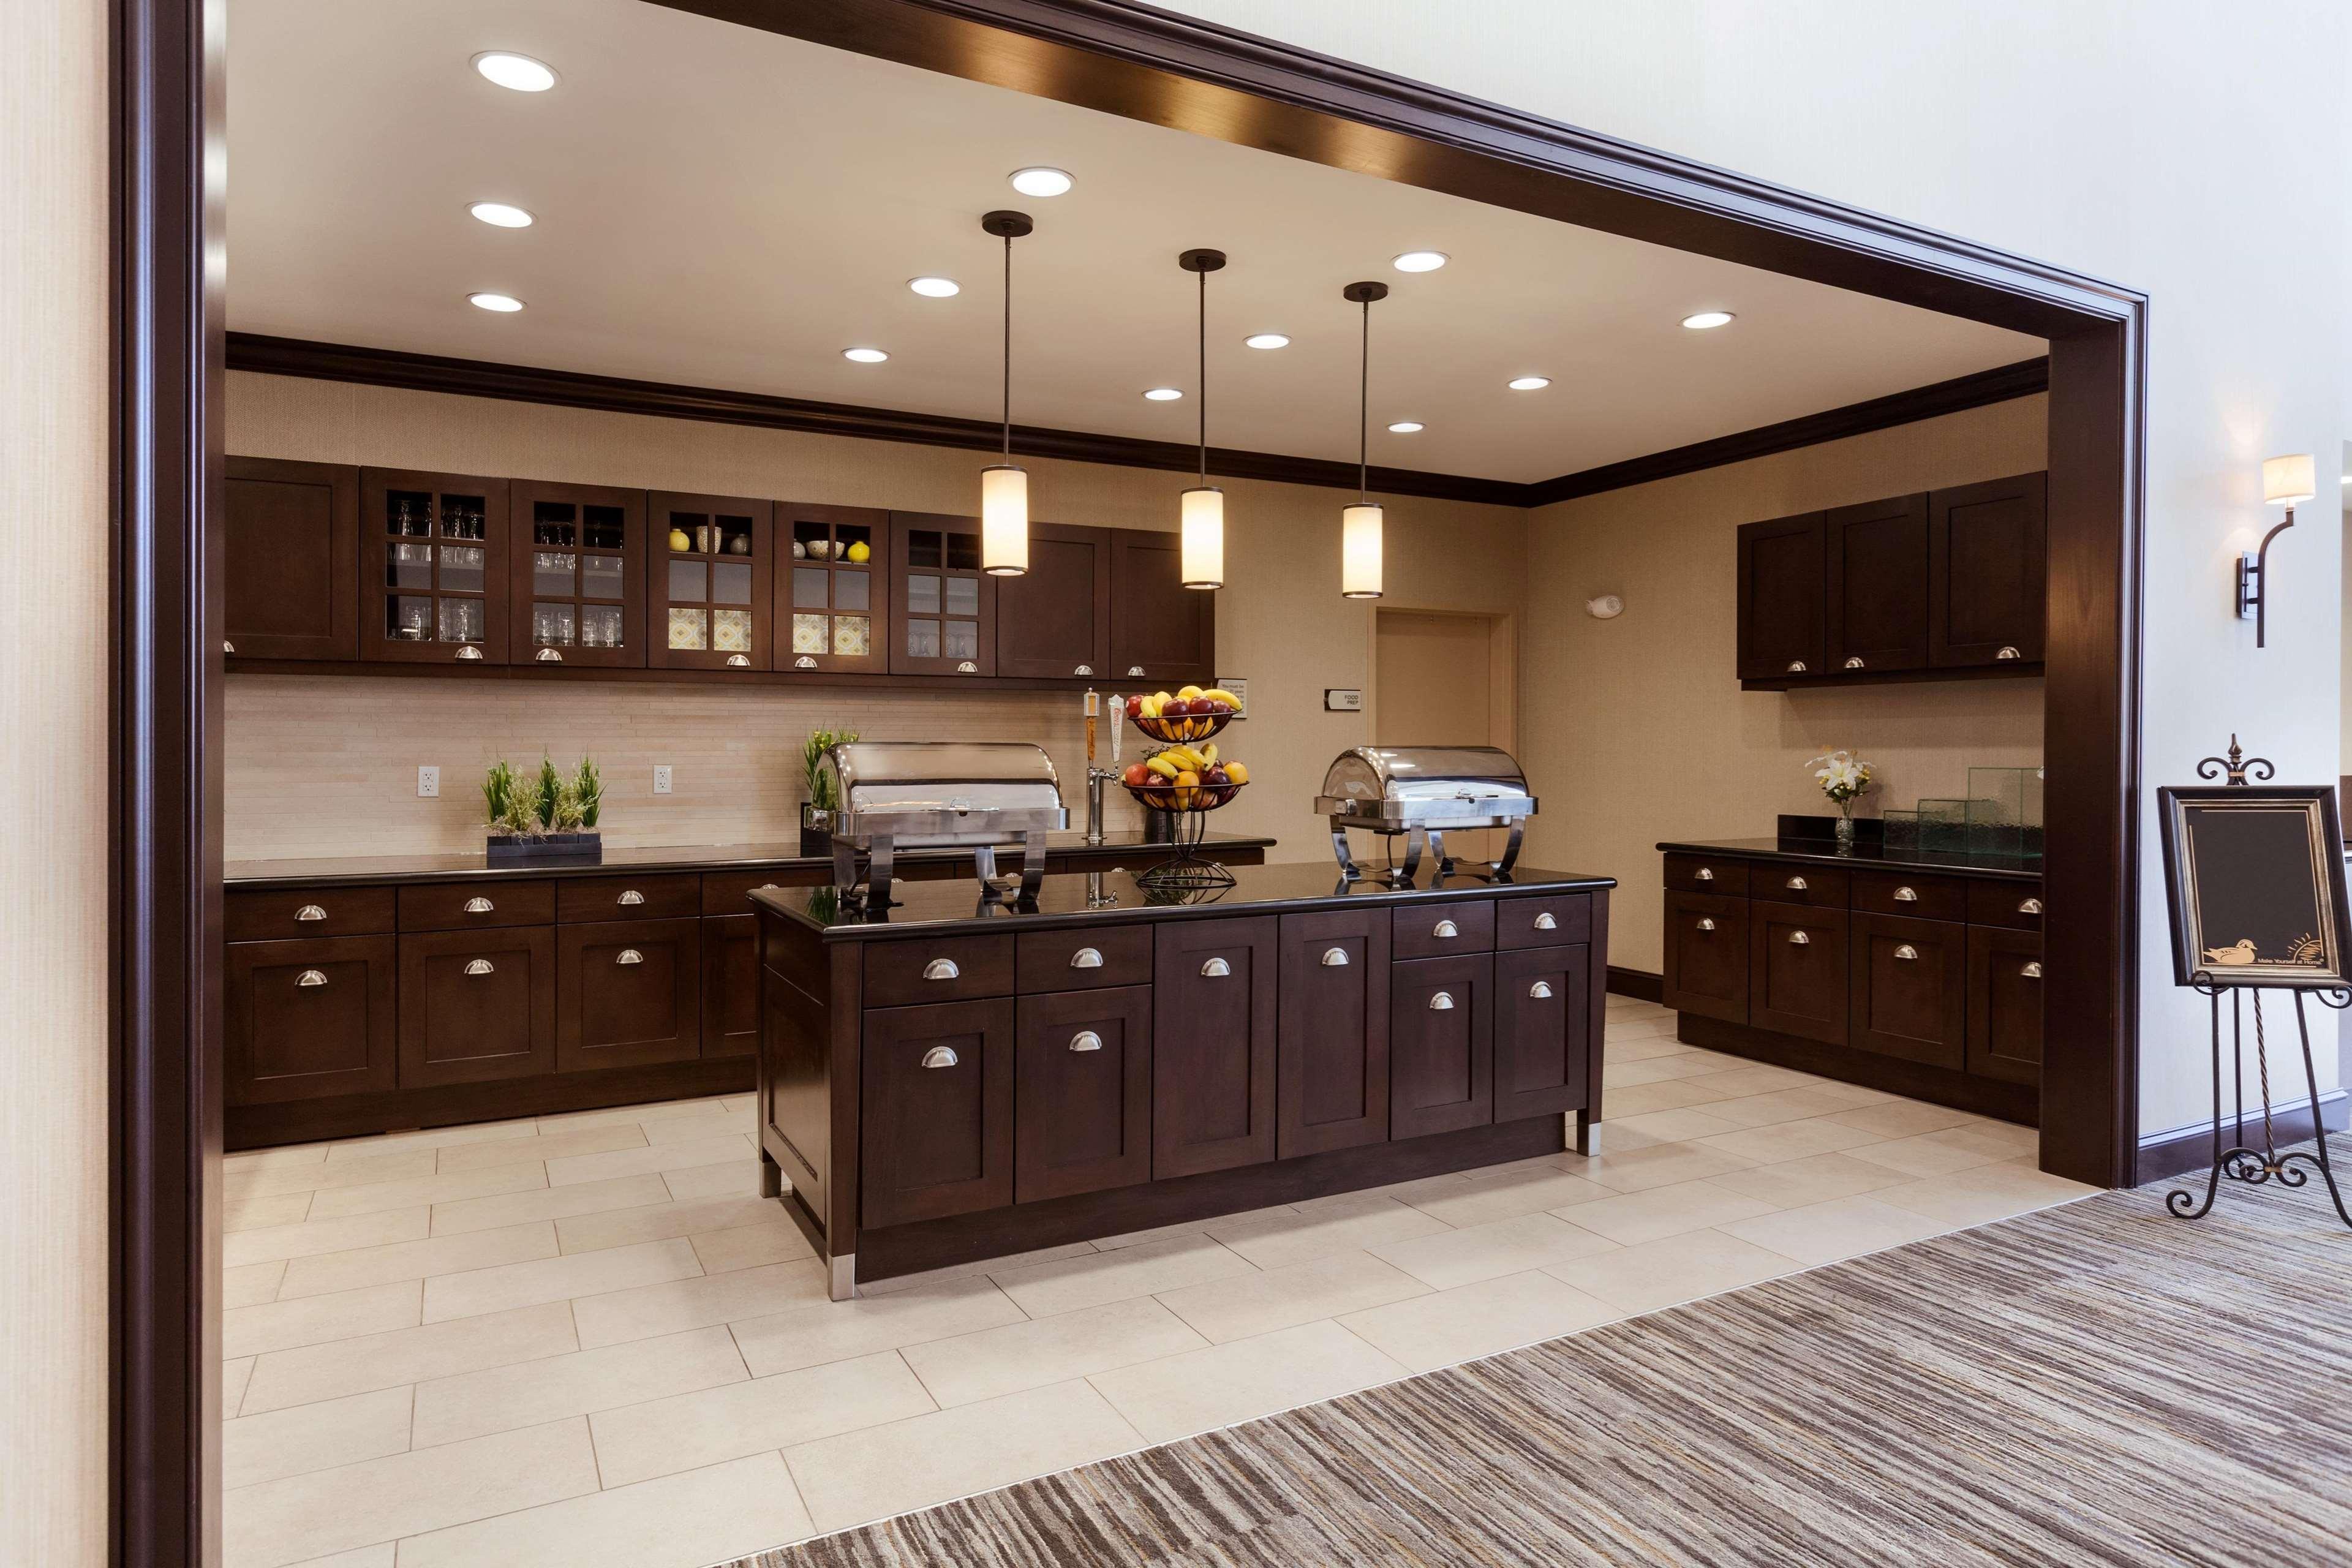 Homewood Suites by Hilton Huntsville-Downtown, AL image 7